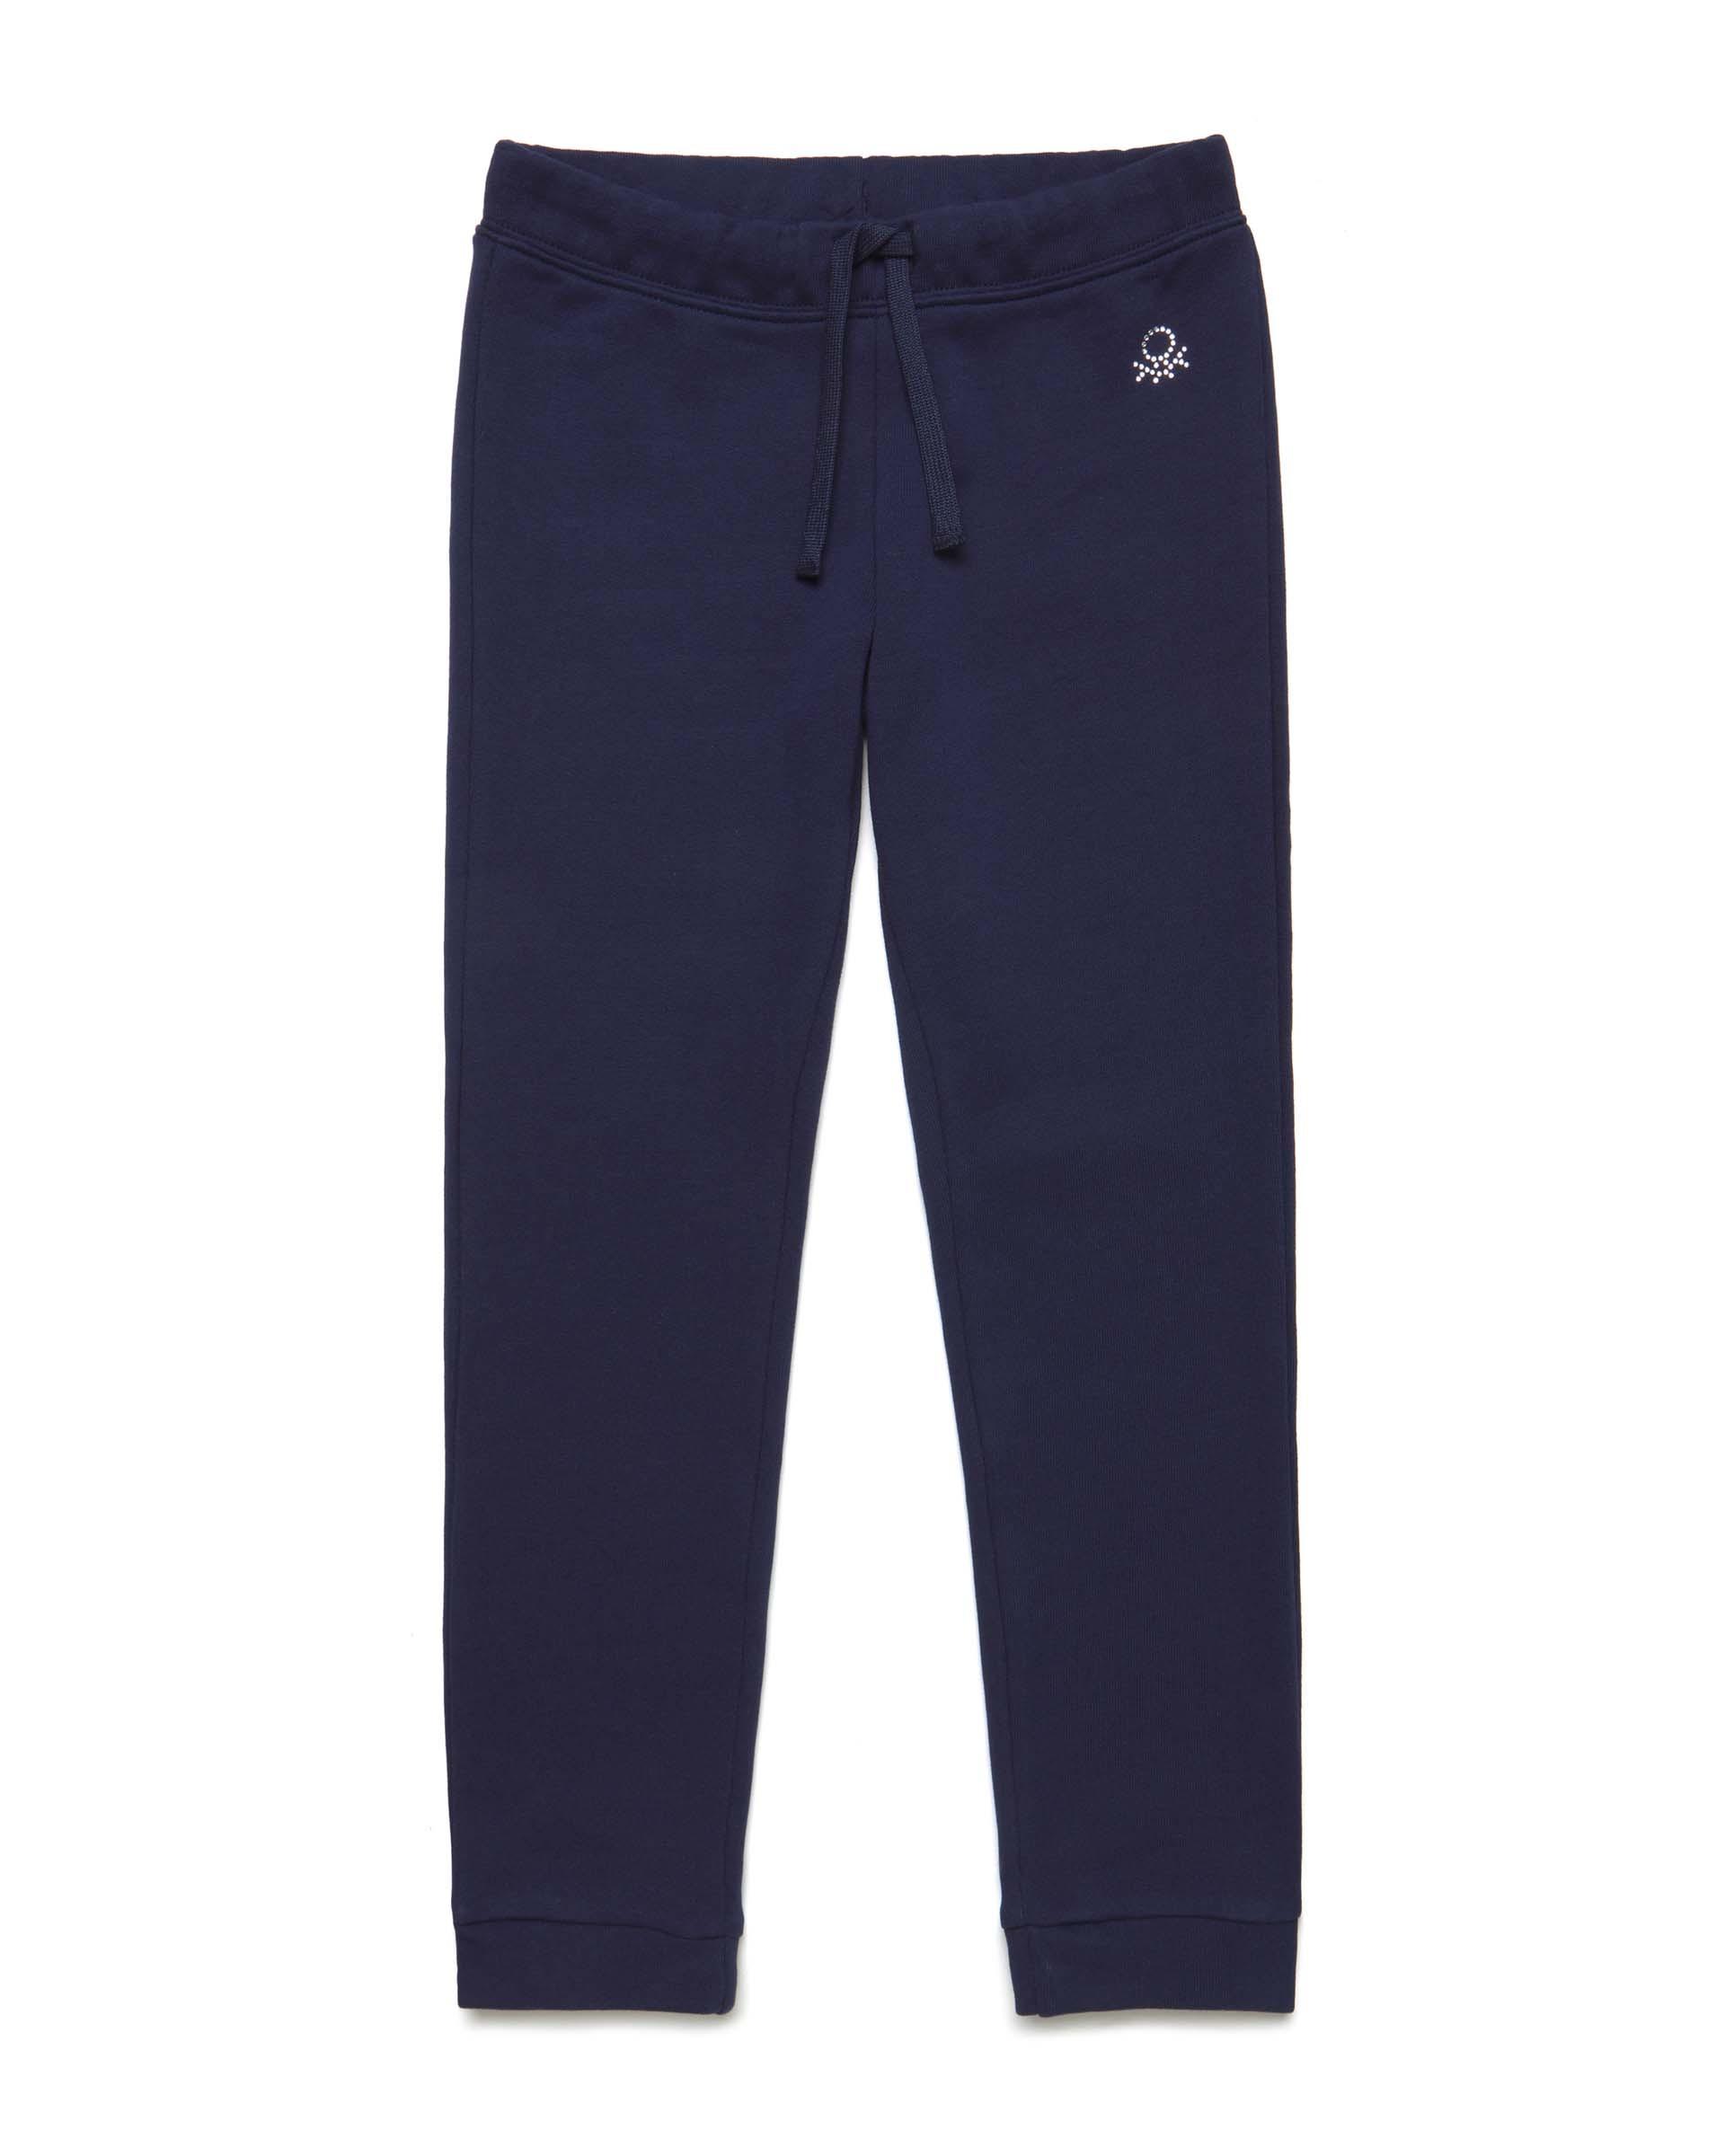 Купить 20P_3J68I0897_252, Спортивные брюки для девочек Benetton 3J68I0897_252 р-р 128, United Colors of Benetton, Брюки для девочек